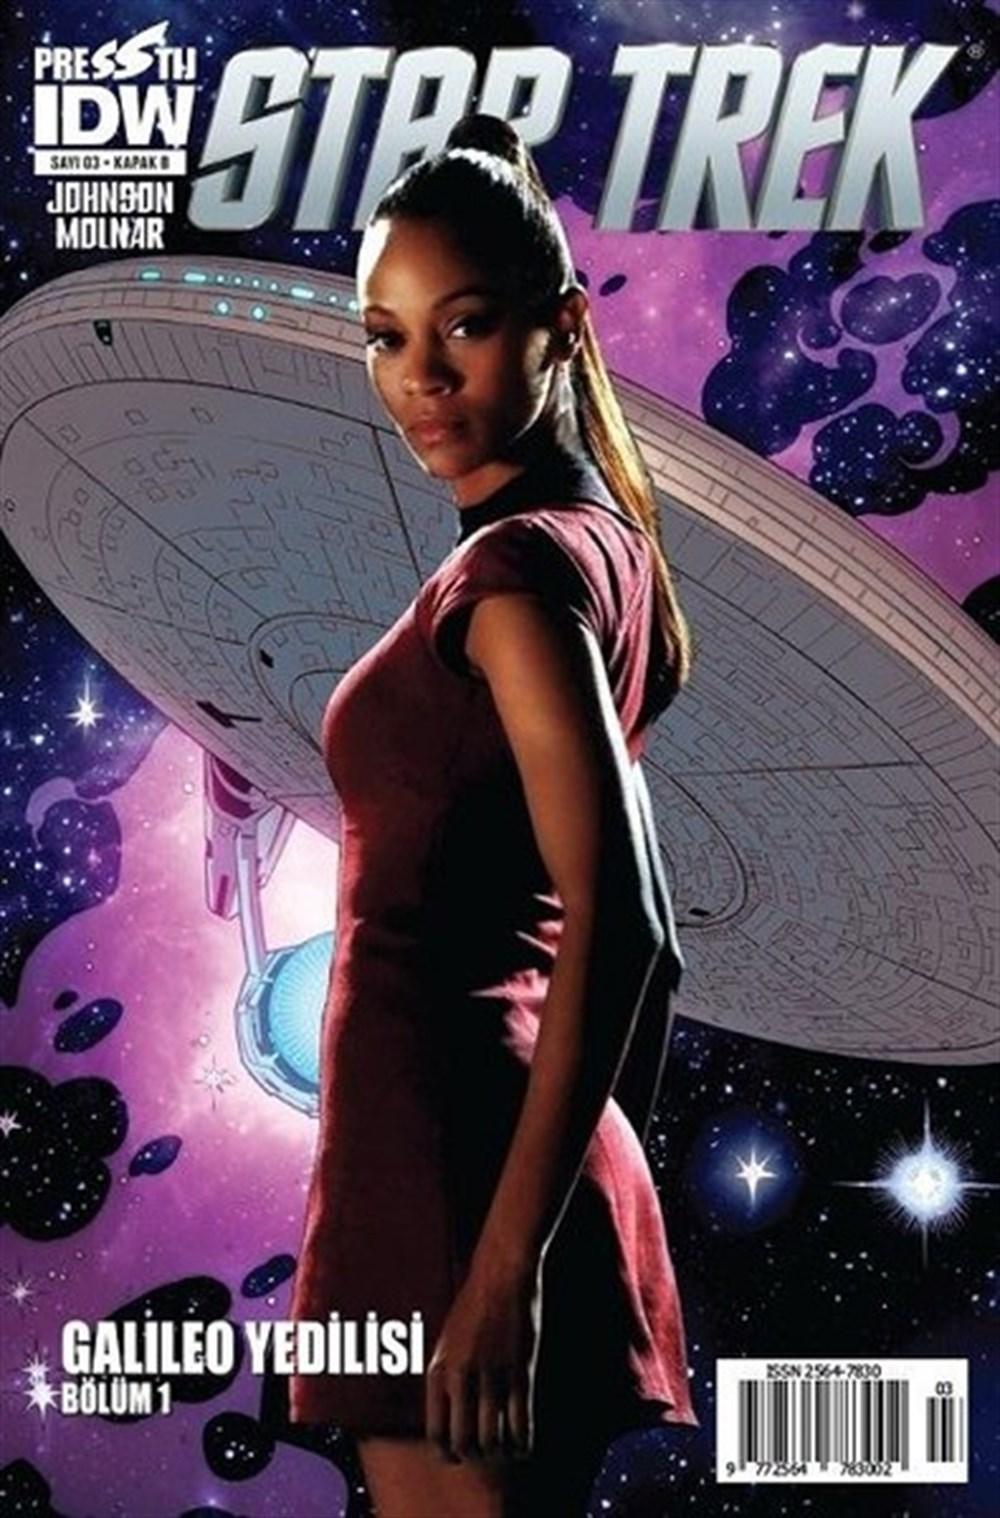 Star Trek 3 - Kapak B